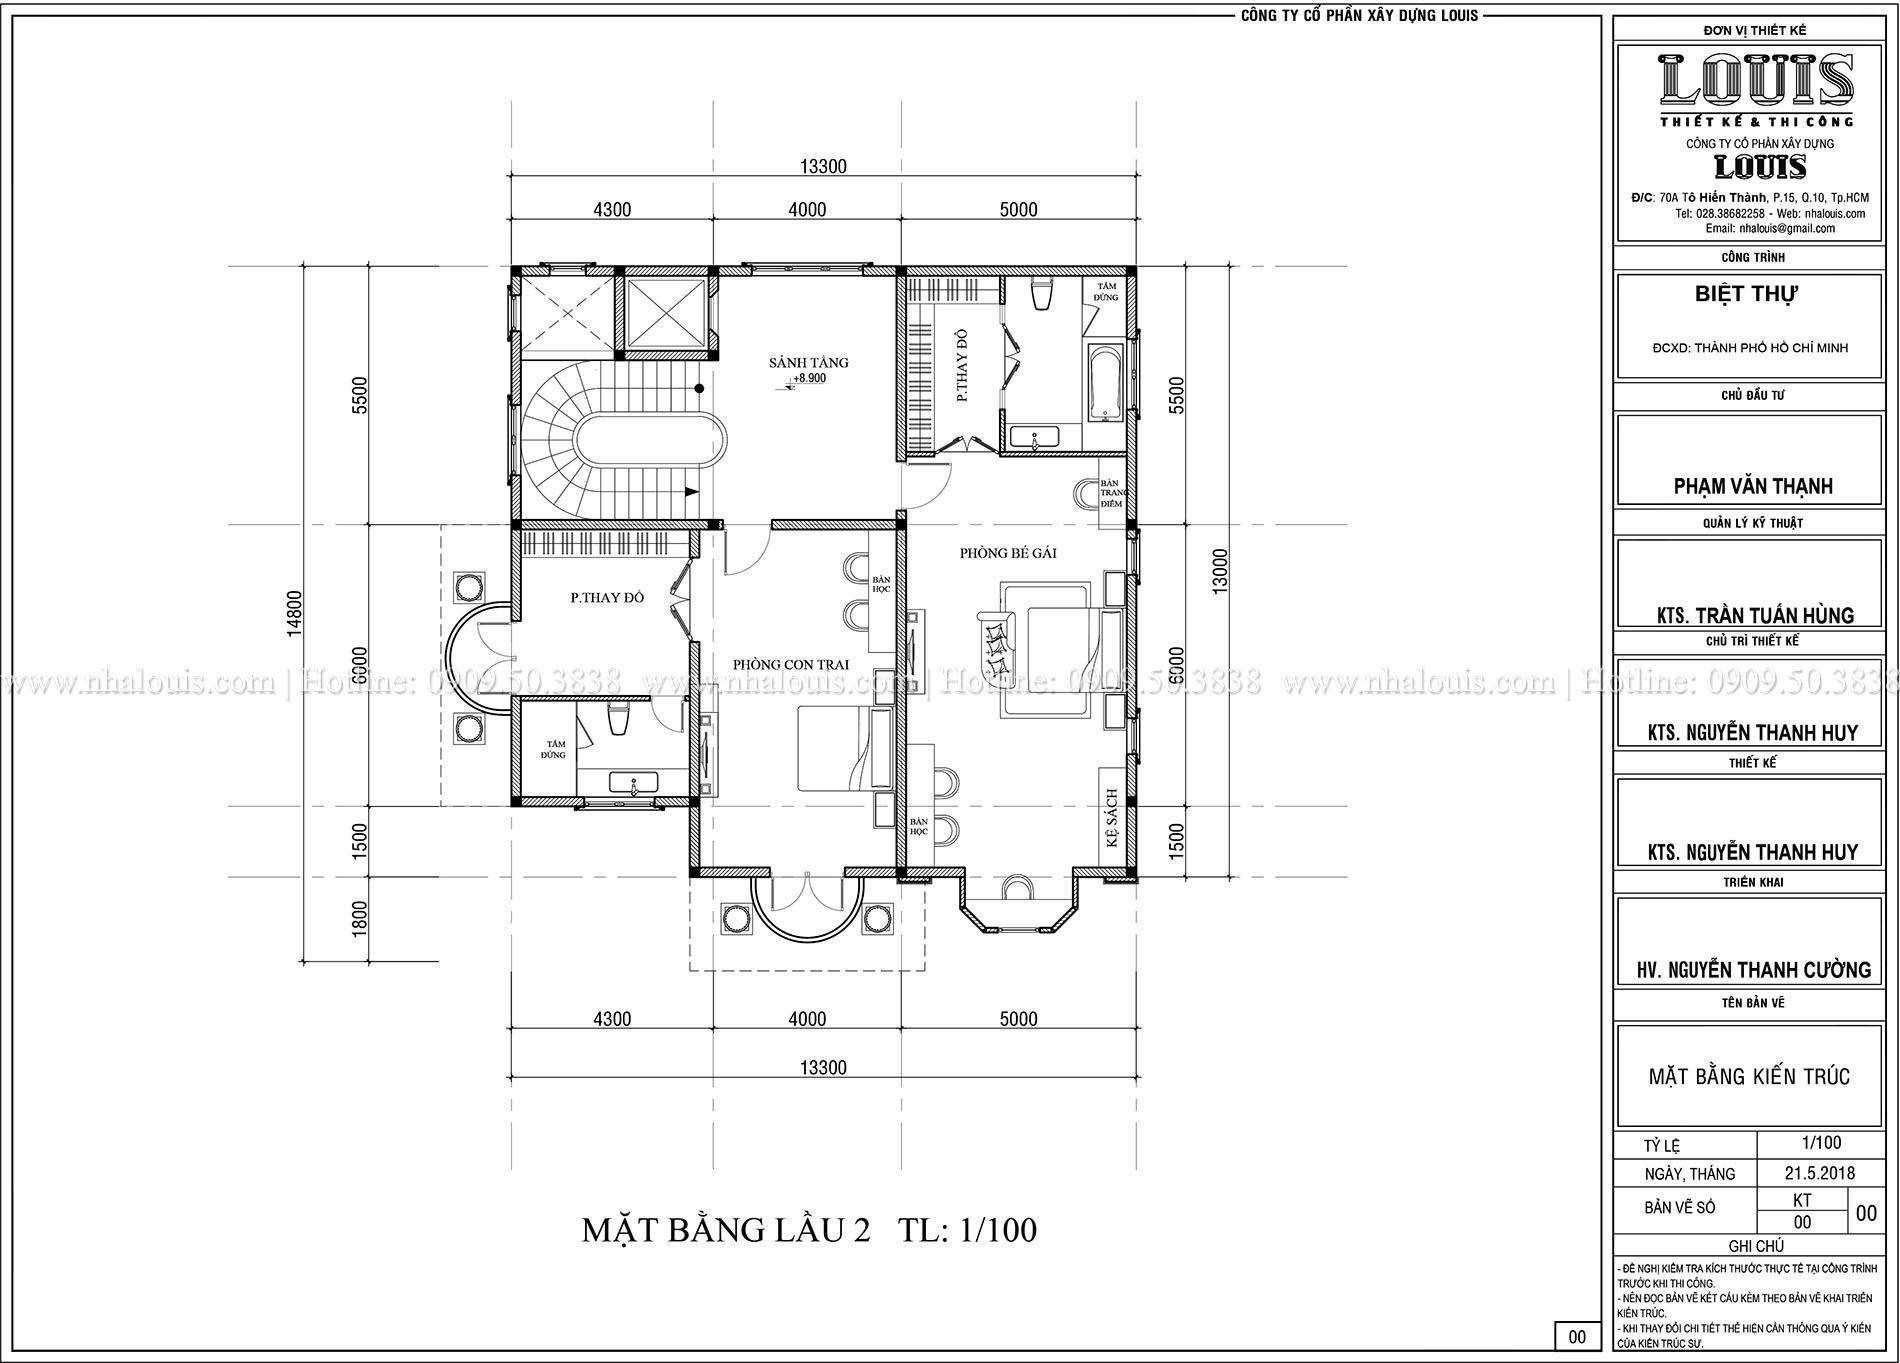 Mặt bằng lầu 2 Biệt thự Châu Âu cổ điển chuẩn sang chảnh tại Nhà Bè - 019a